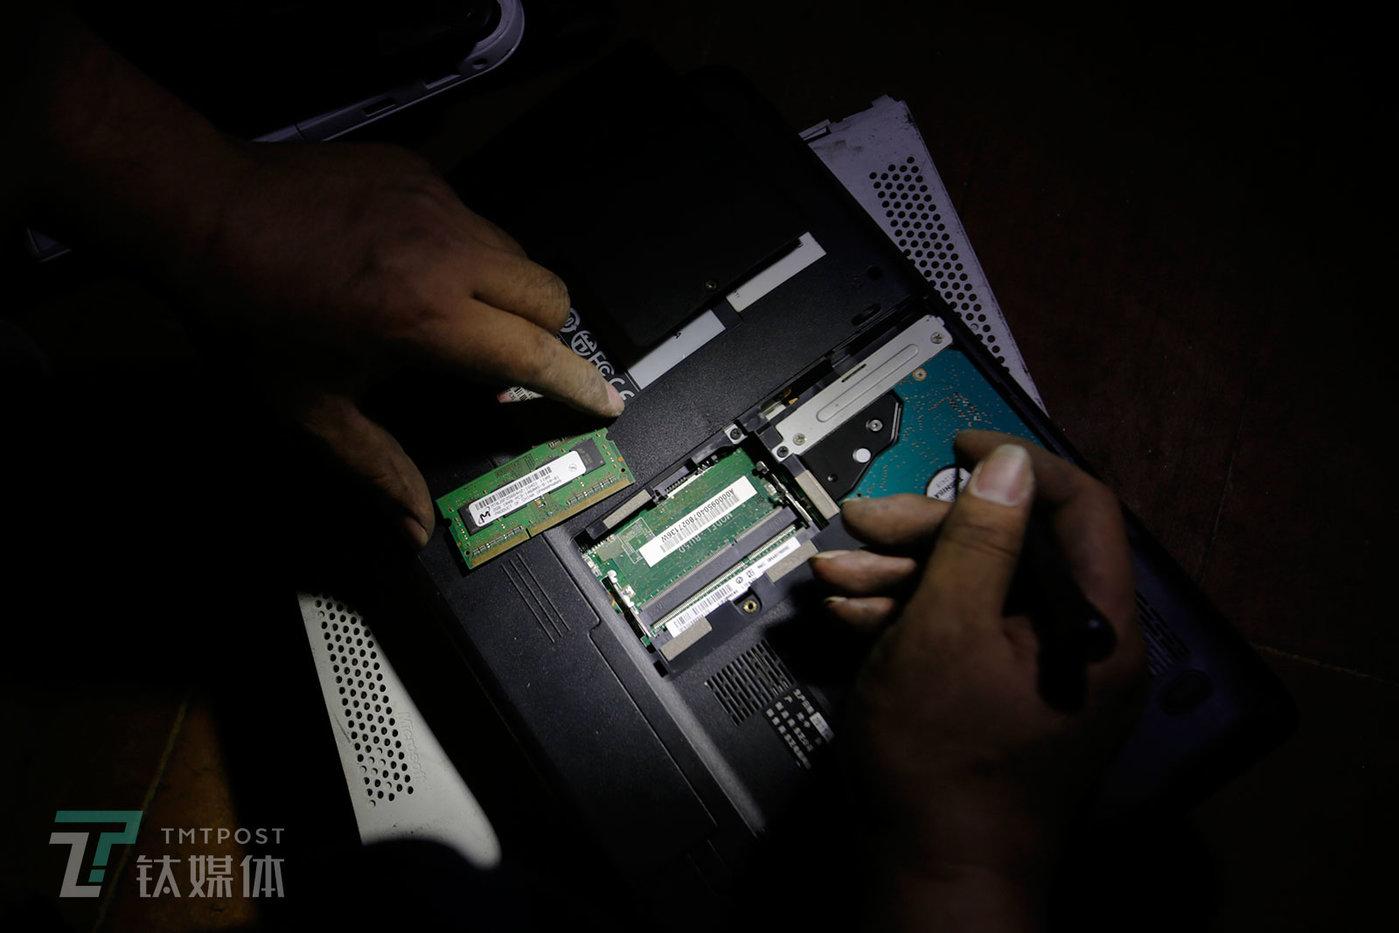 一位笔记本买家拆开一台废旧笔记本后盖检查配置。除了屏幕,内存条和硬盘的配置是决定一台废旧笔记本价格的重要因素。显然,深圳的买家对笔记等3C产品的熟悉程度和鉴别真伪的能力,远远超过全国各地涌来的卖家们。